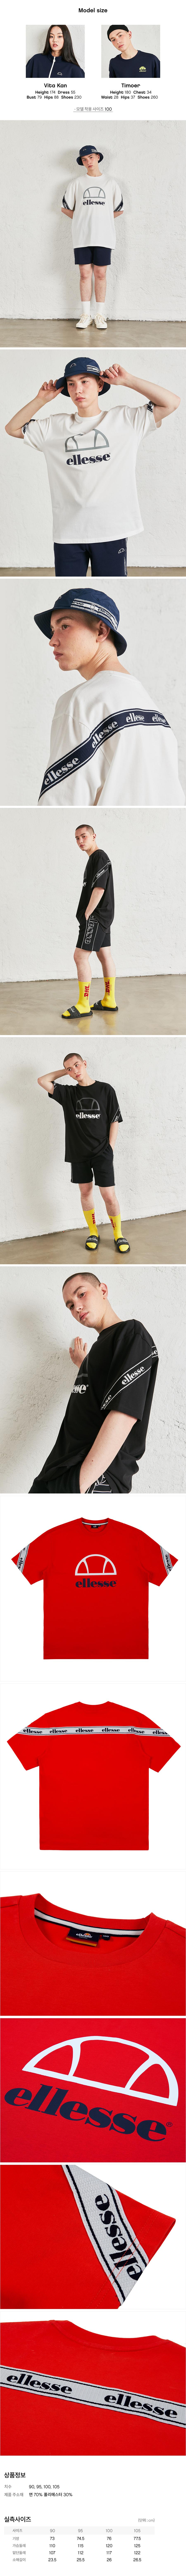 엘레쎄(ELLESSE) 빅 로고 테이프 포인트 티셔츠(레드오렌지)EJ2UHTR347